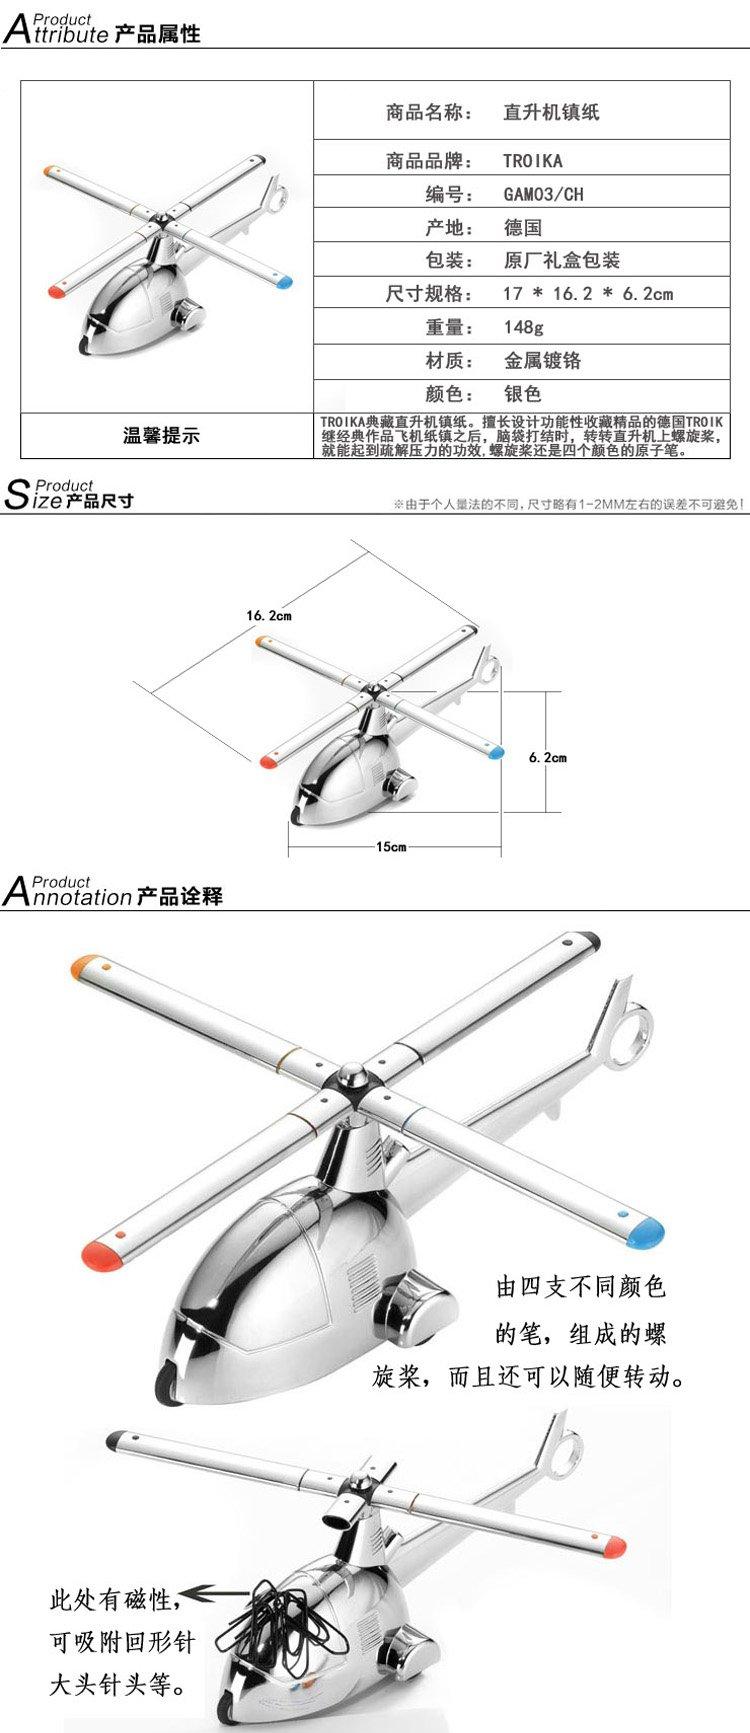 螺旋桨飞机纸镇GAM03/CH